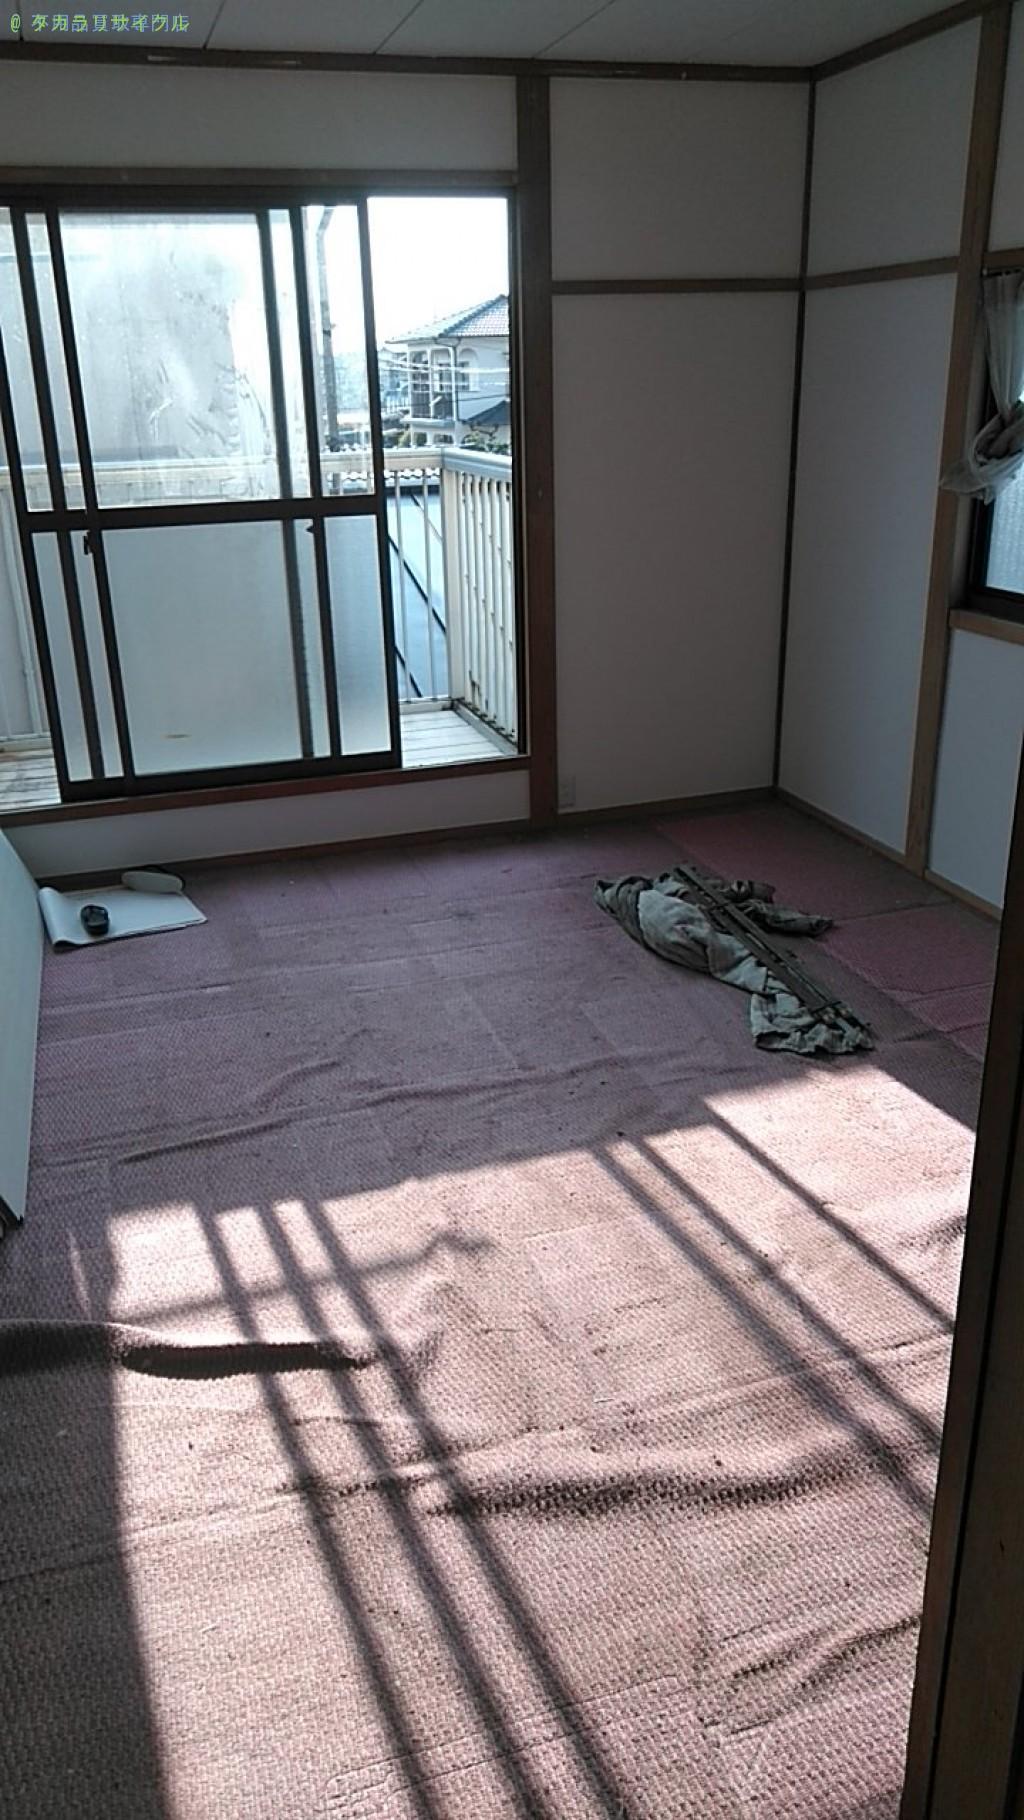 【松山市久米窪田町】タンスの処分・回収のご依頼者さま